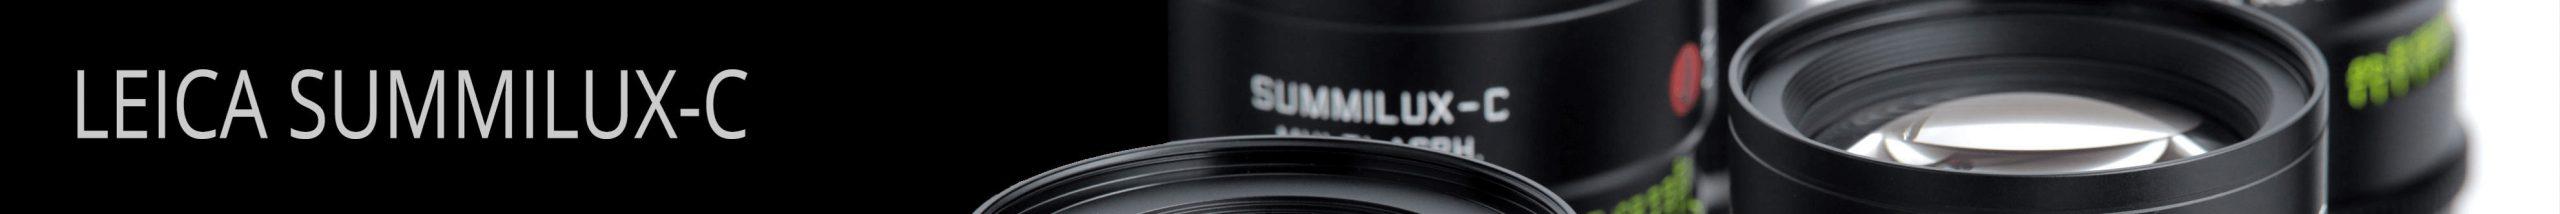 Leica Summilux-C header